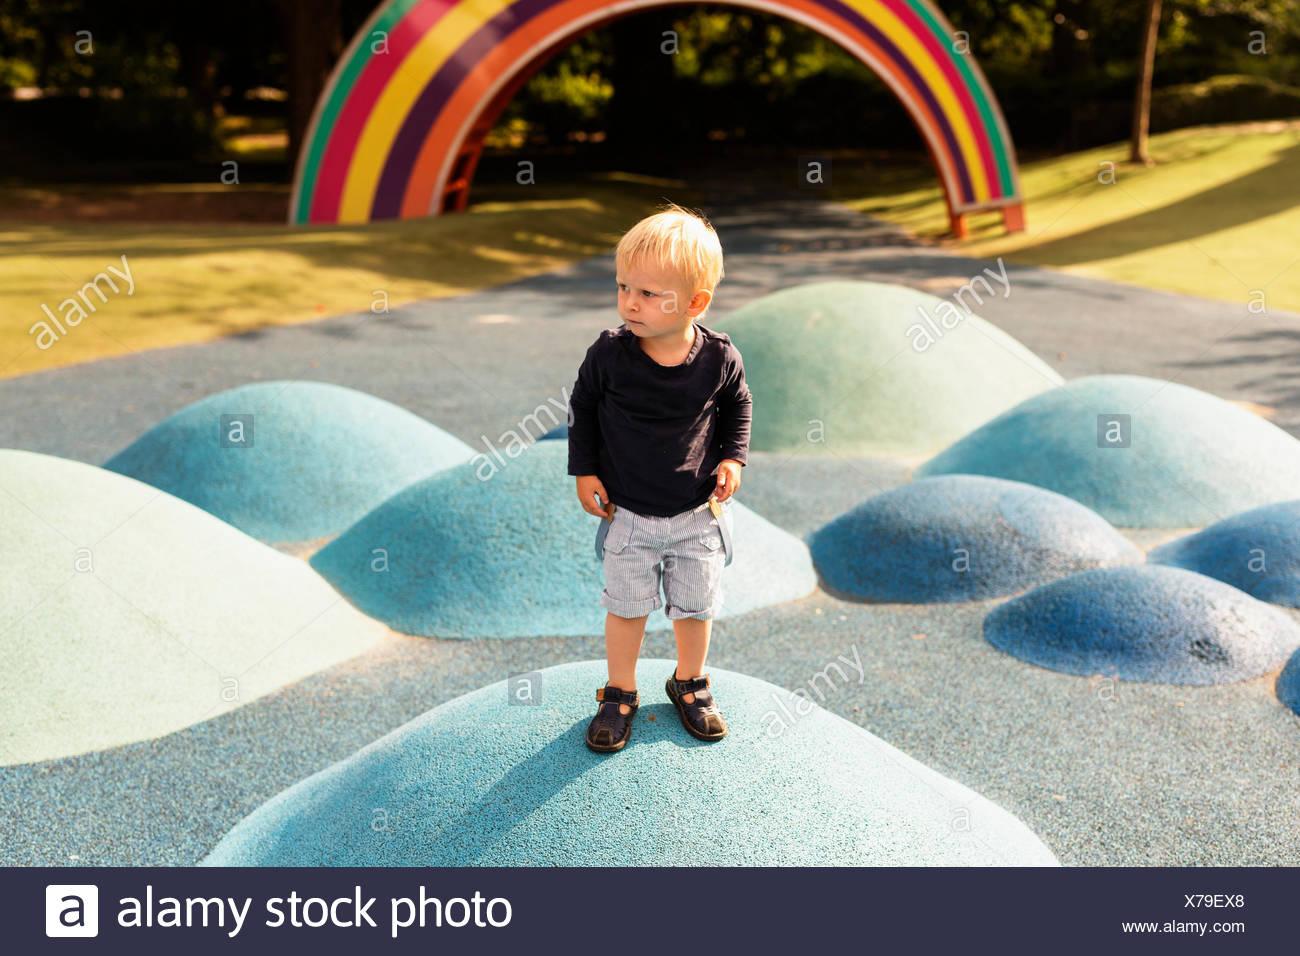 La longitud total del muchacho de pie en la colina artificial en juegos Imagen De Stock